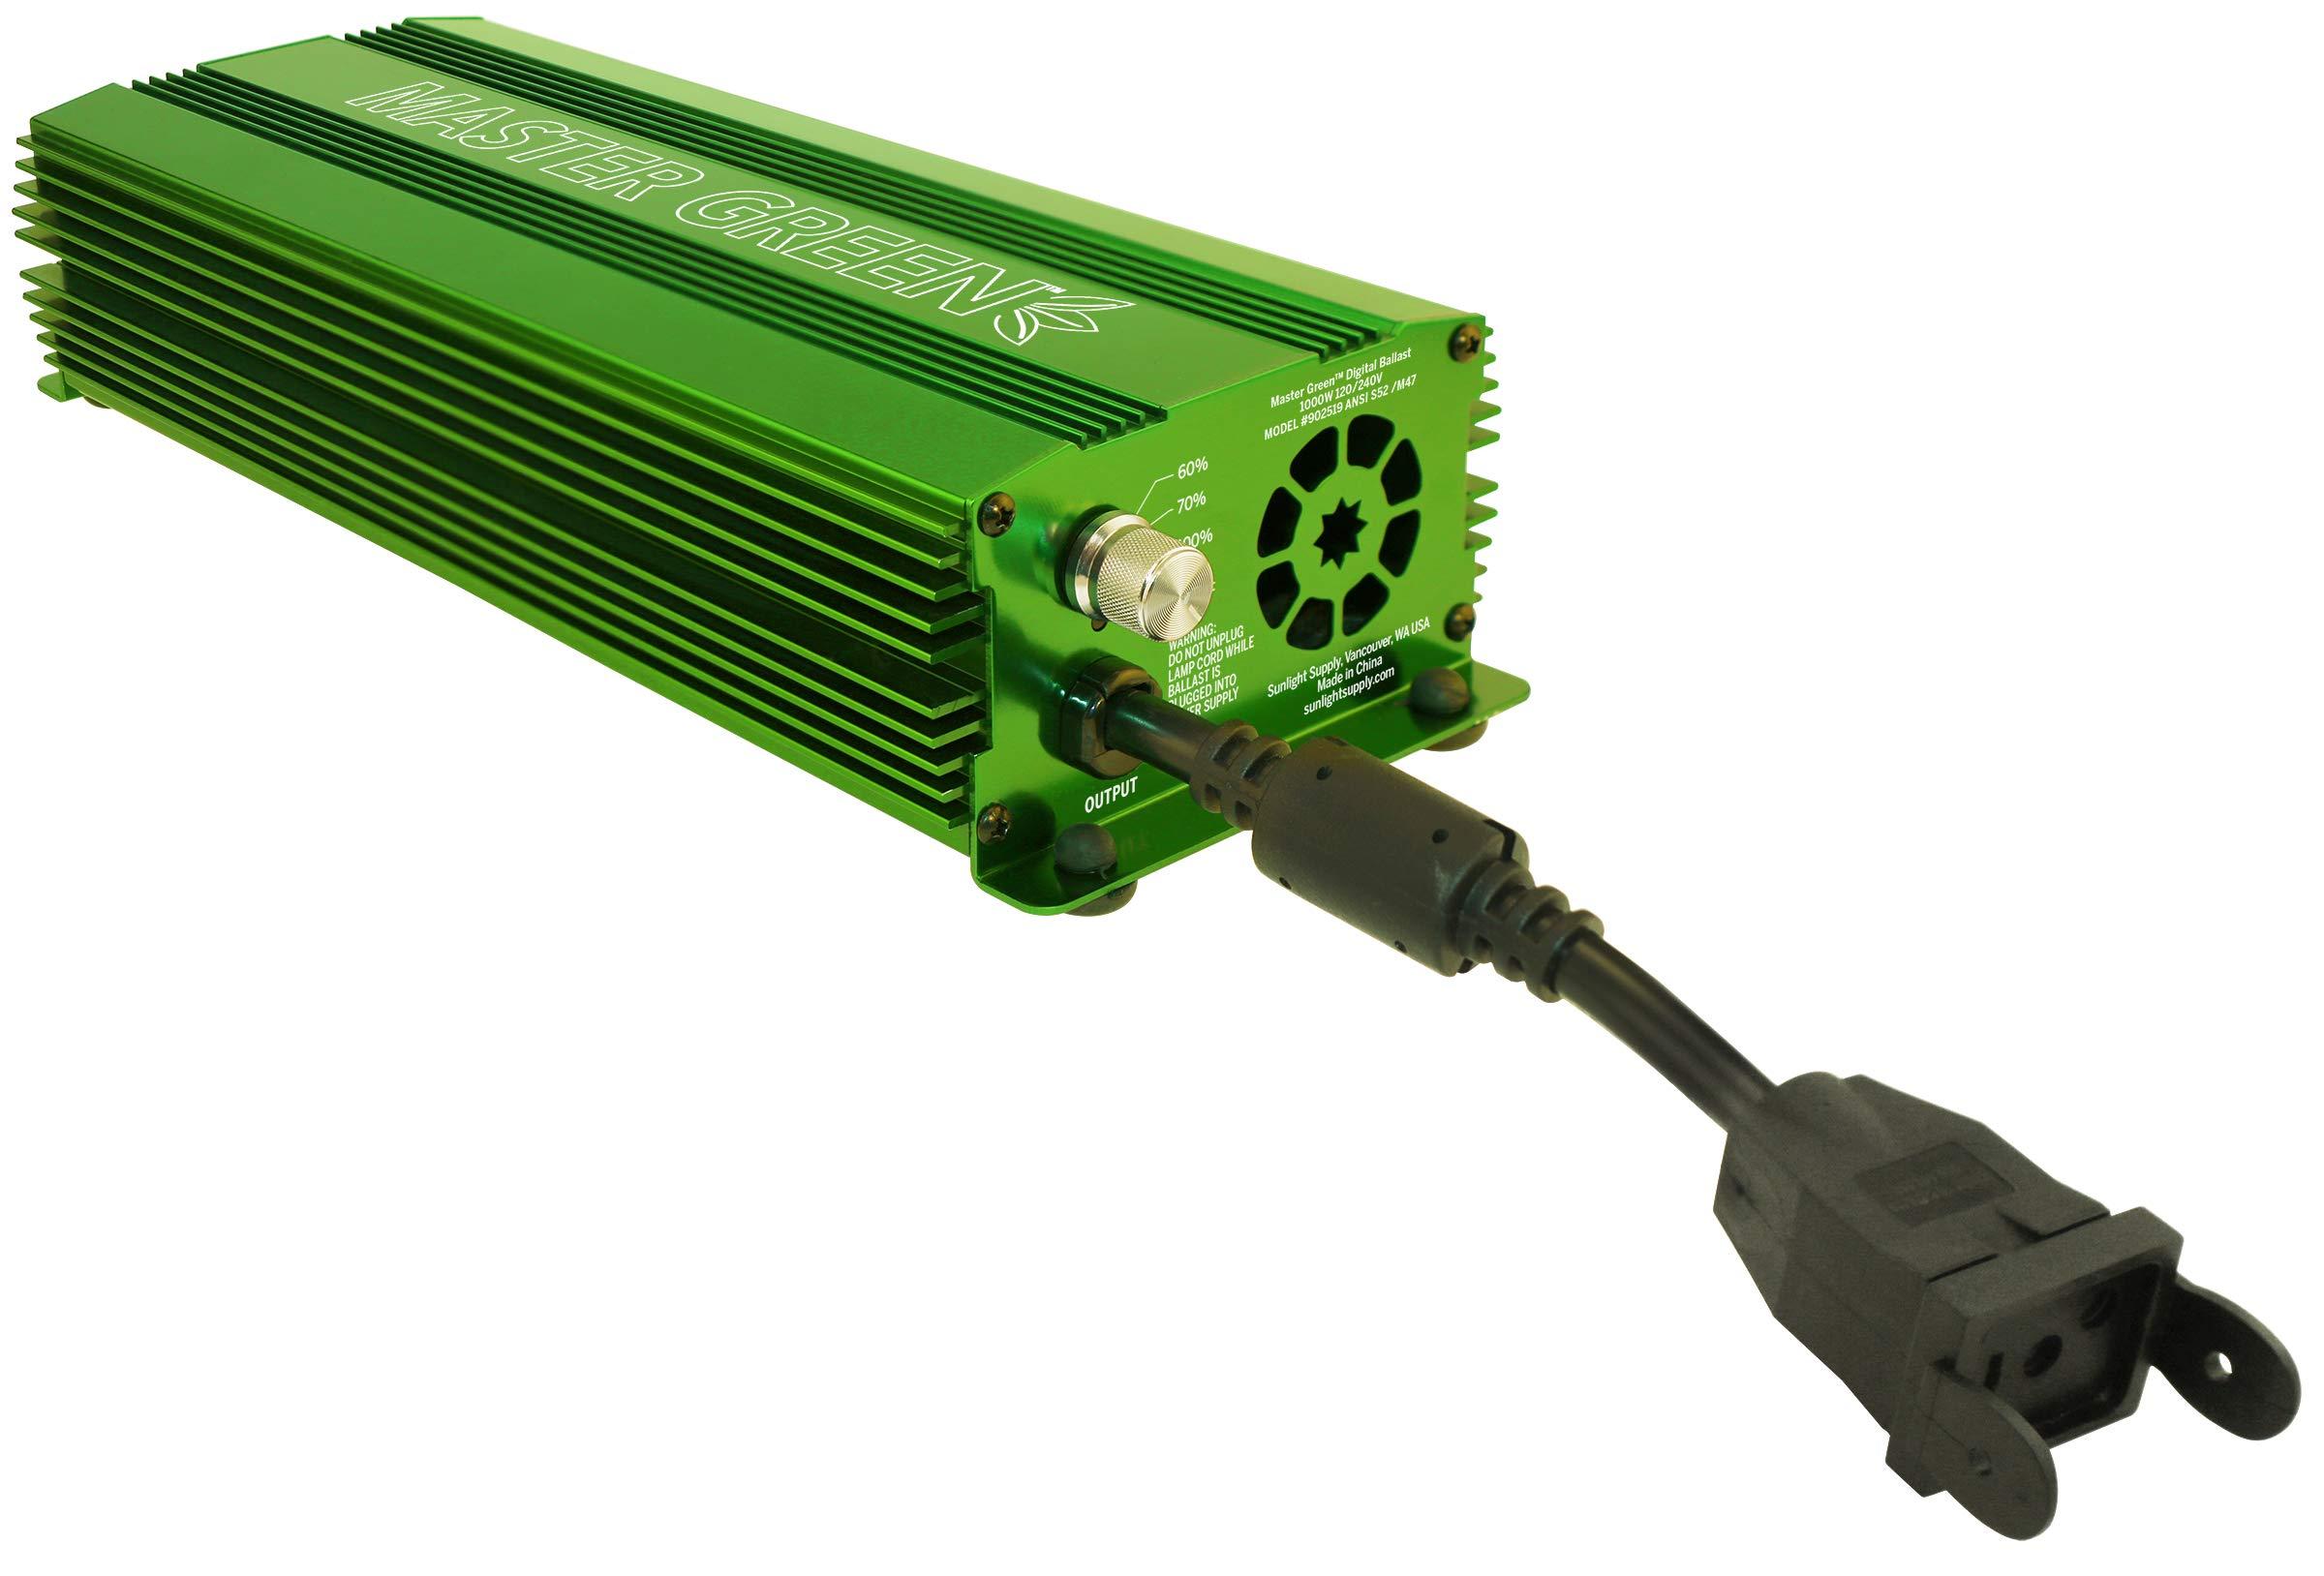 Master Green 902519 Grow Light Ballast, Green